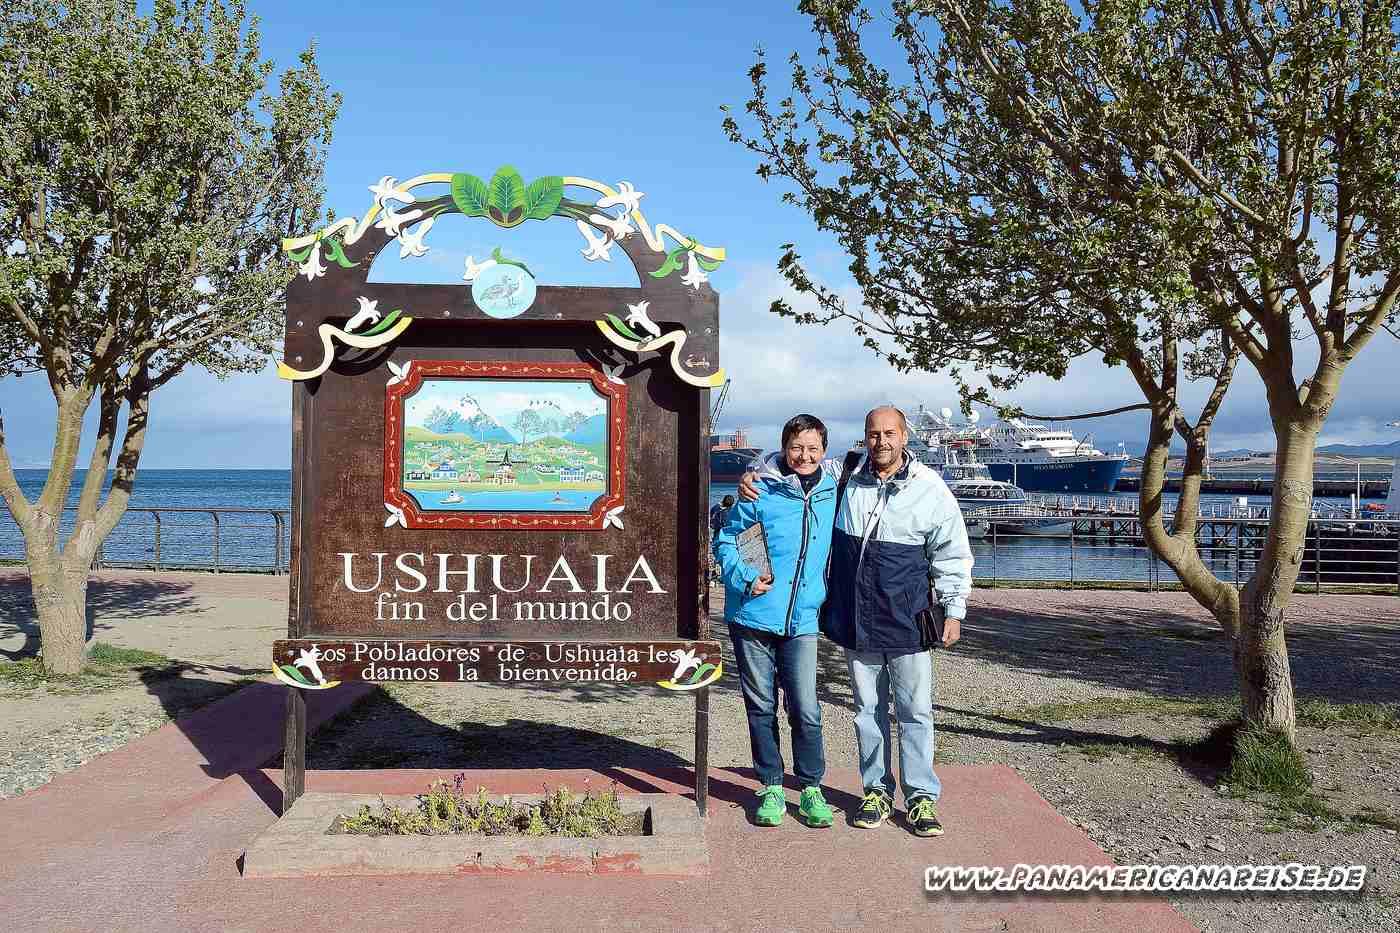 Ushuaia Tierra del Fuego